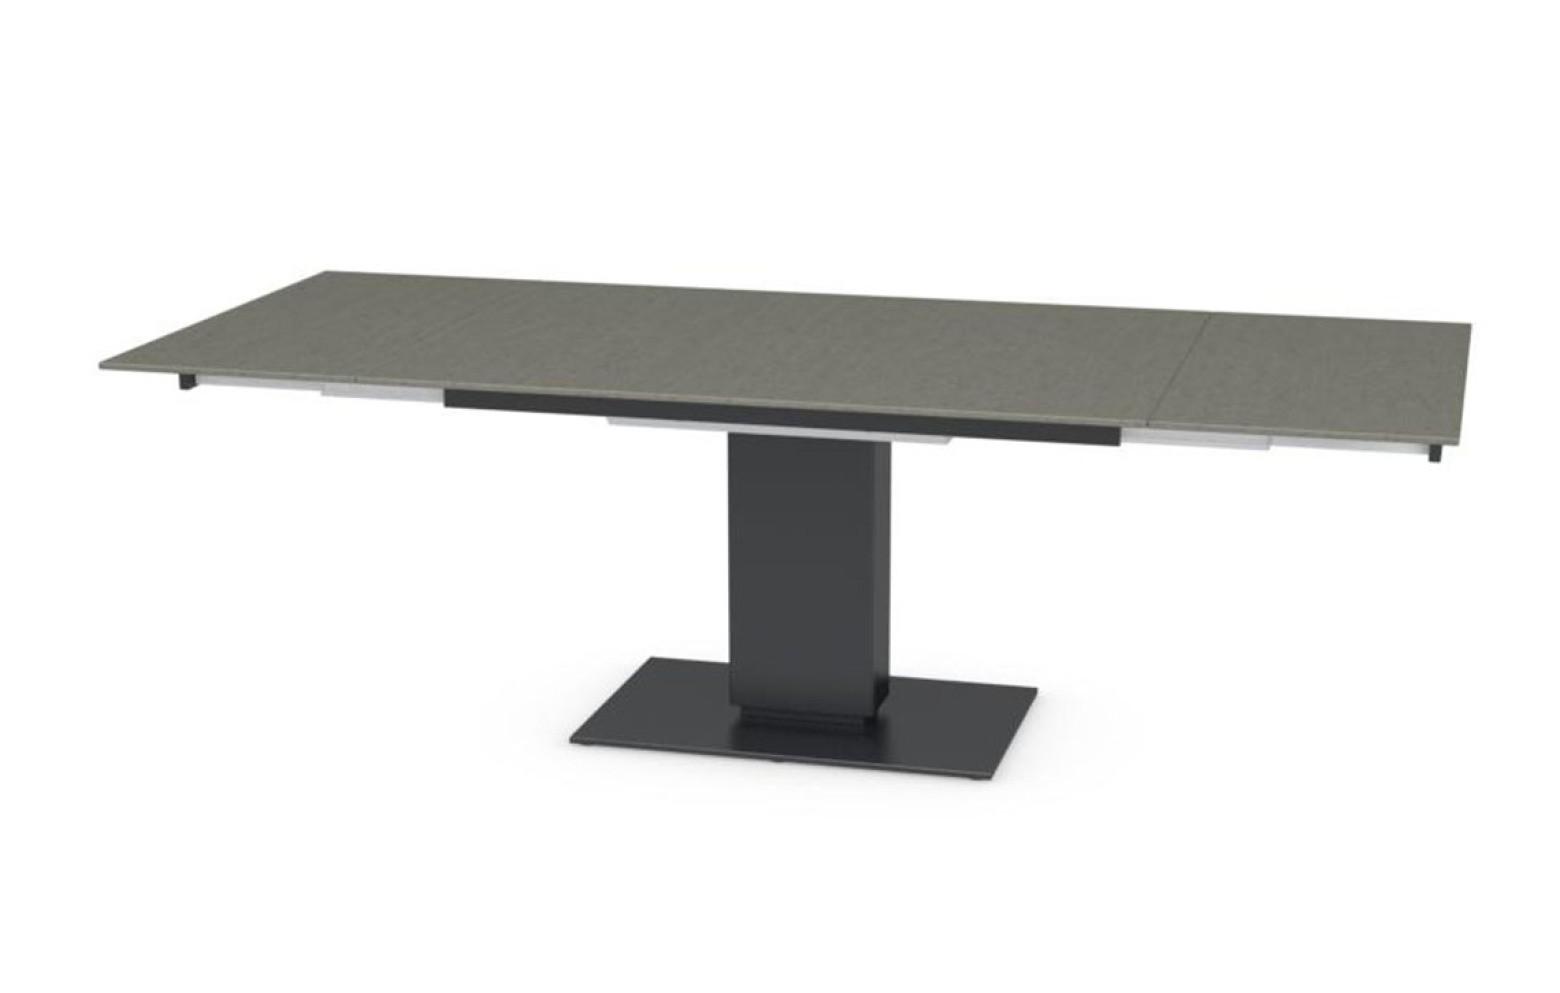 ECHO | Esstische | Tische & Stühle | Who\'s perfect.